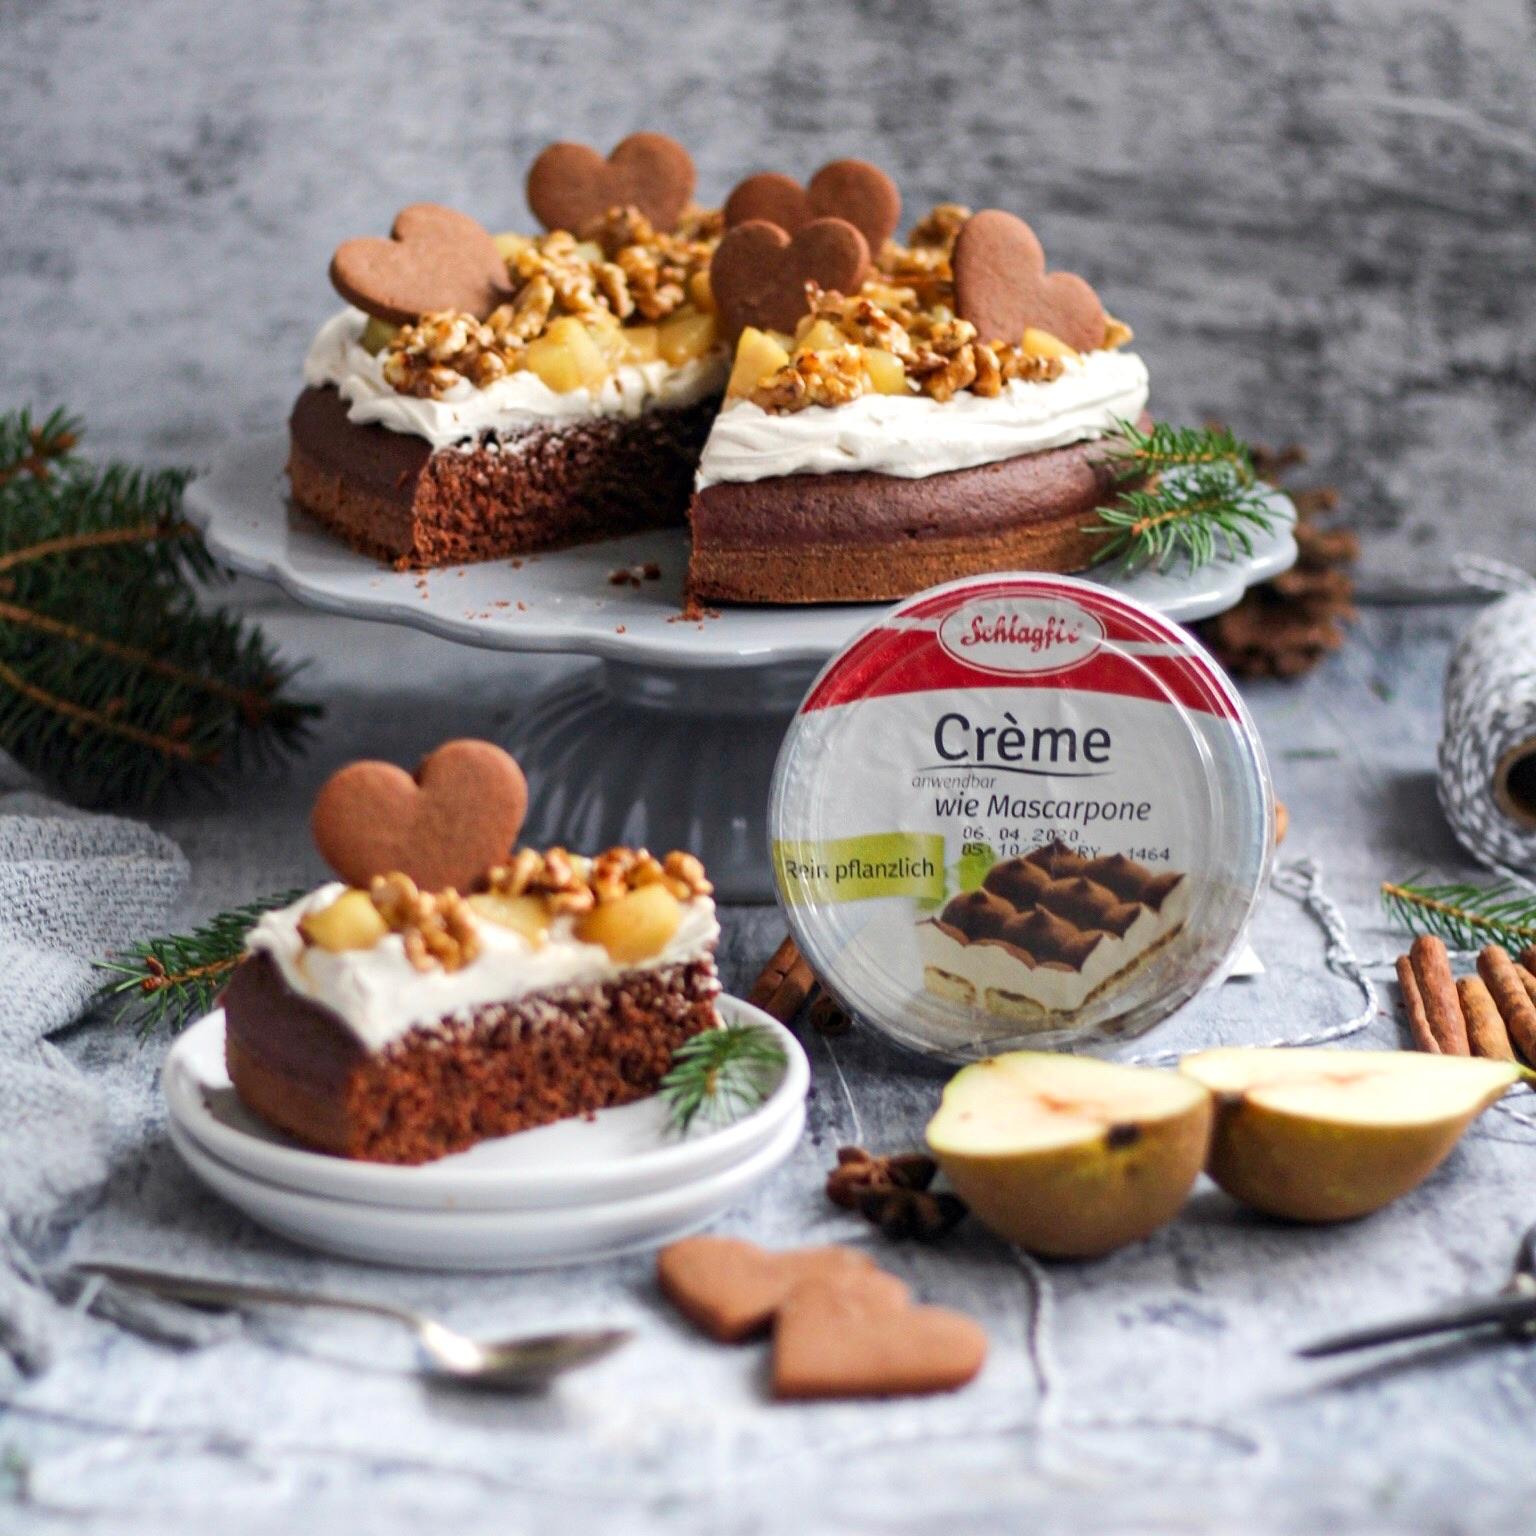 Podzimní dort skaramelizovanými hruškami a ořechy – Recept od Marušky Veg